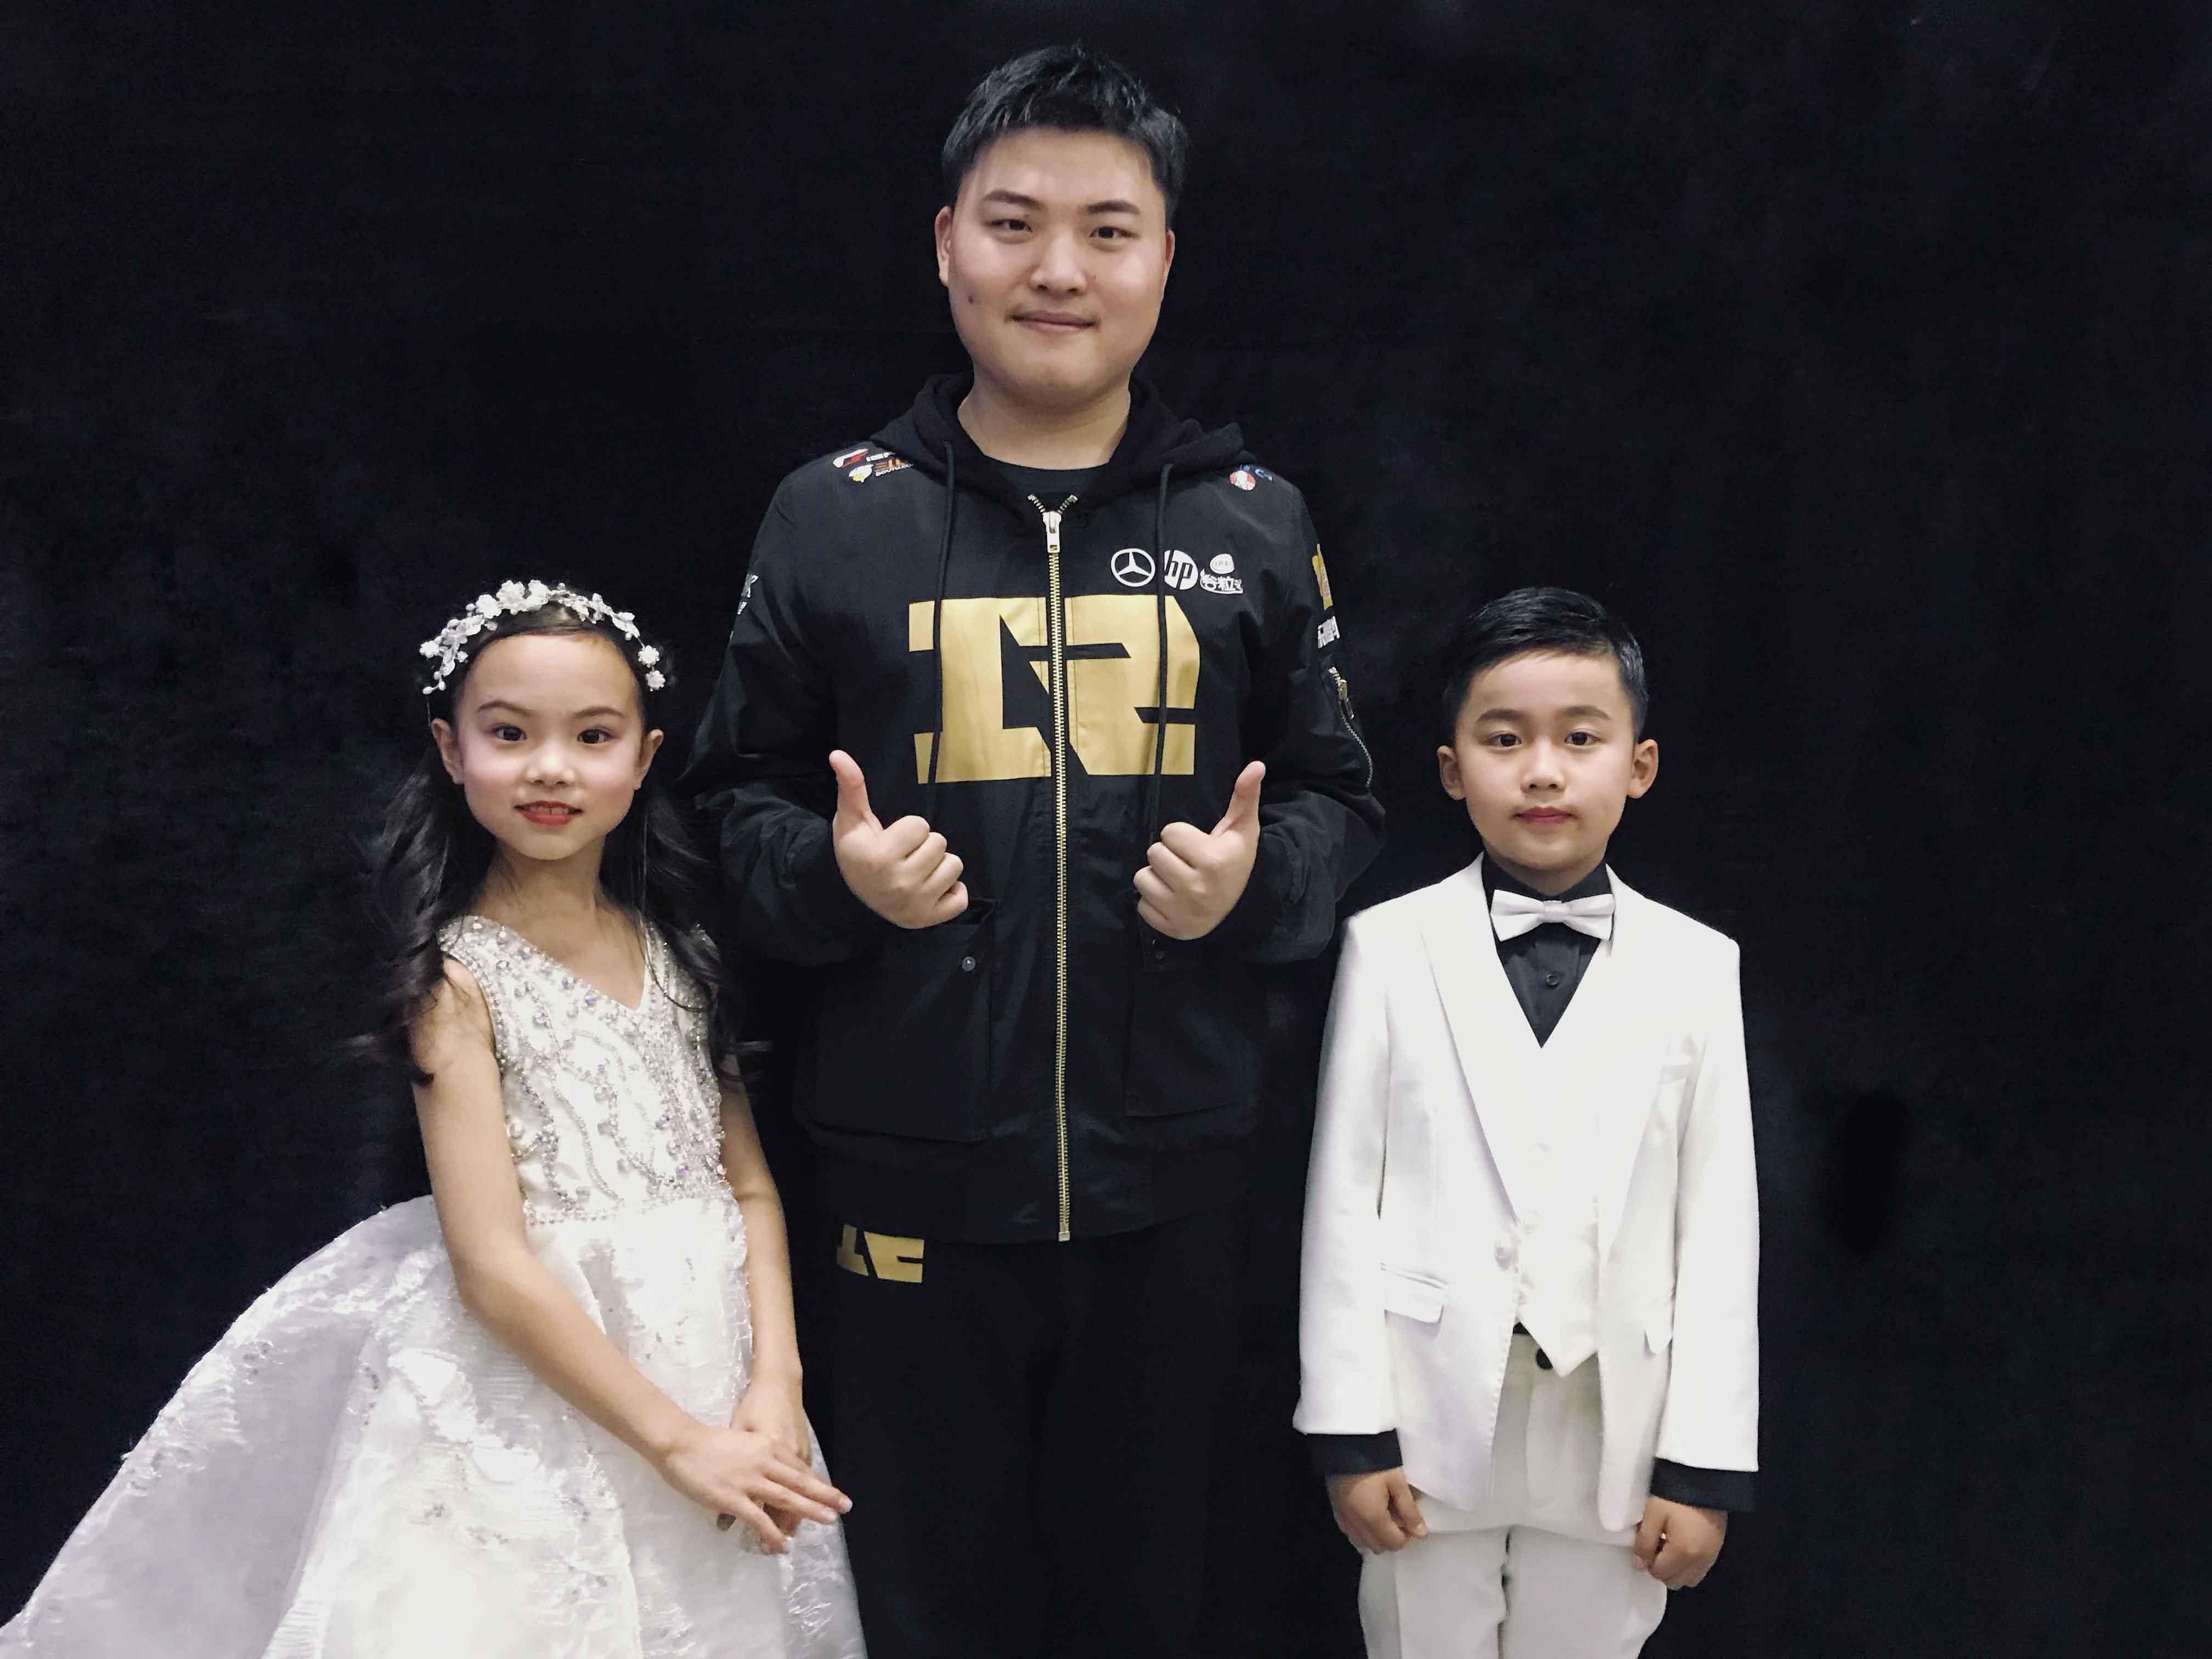 照片4:中国魔指精灵与中国电竞小王子Uzi.jpg